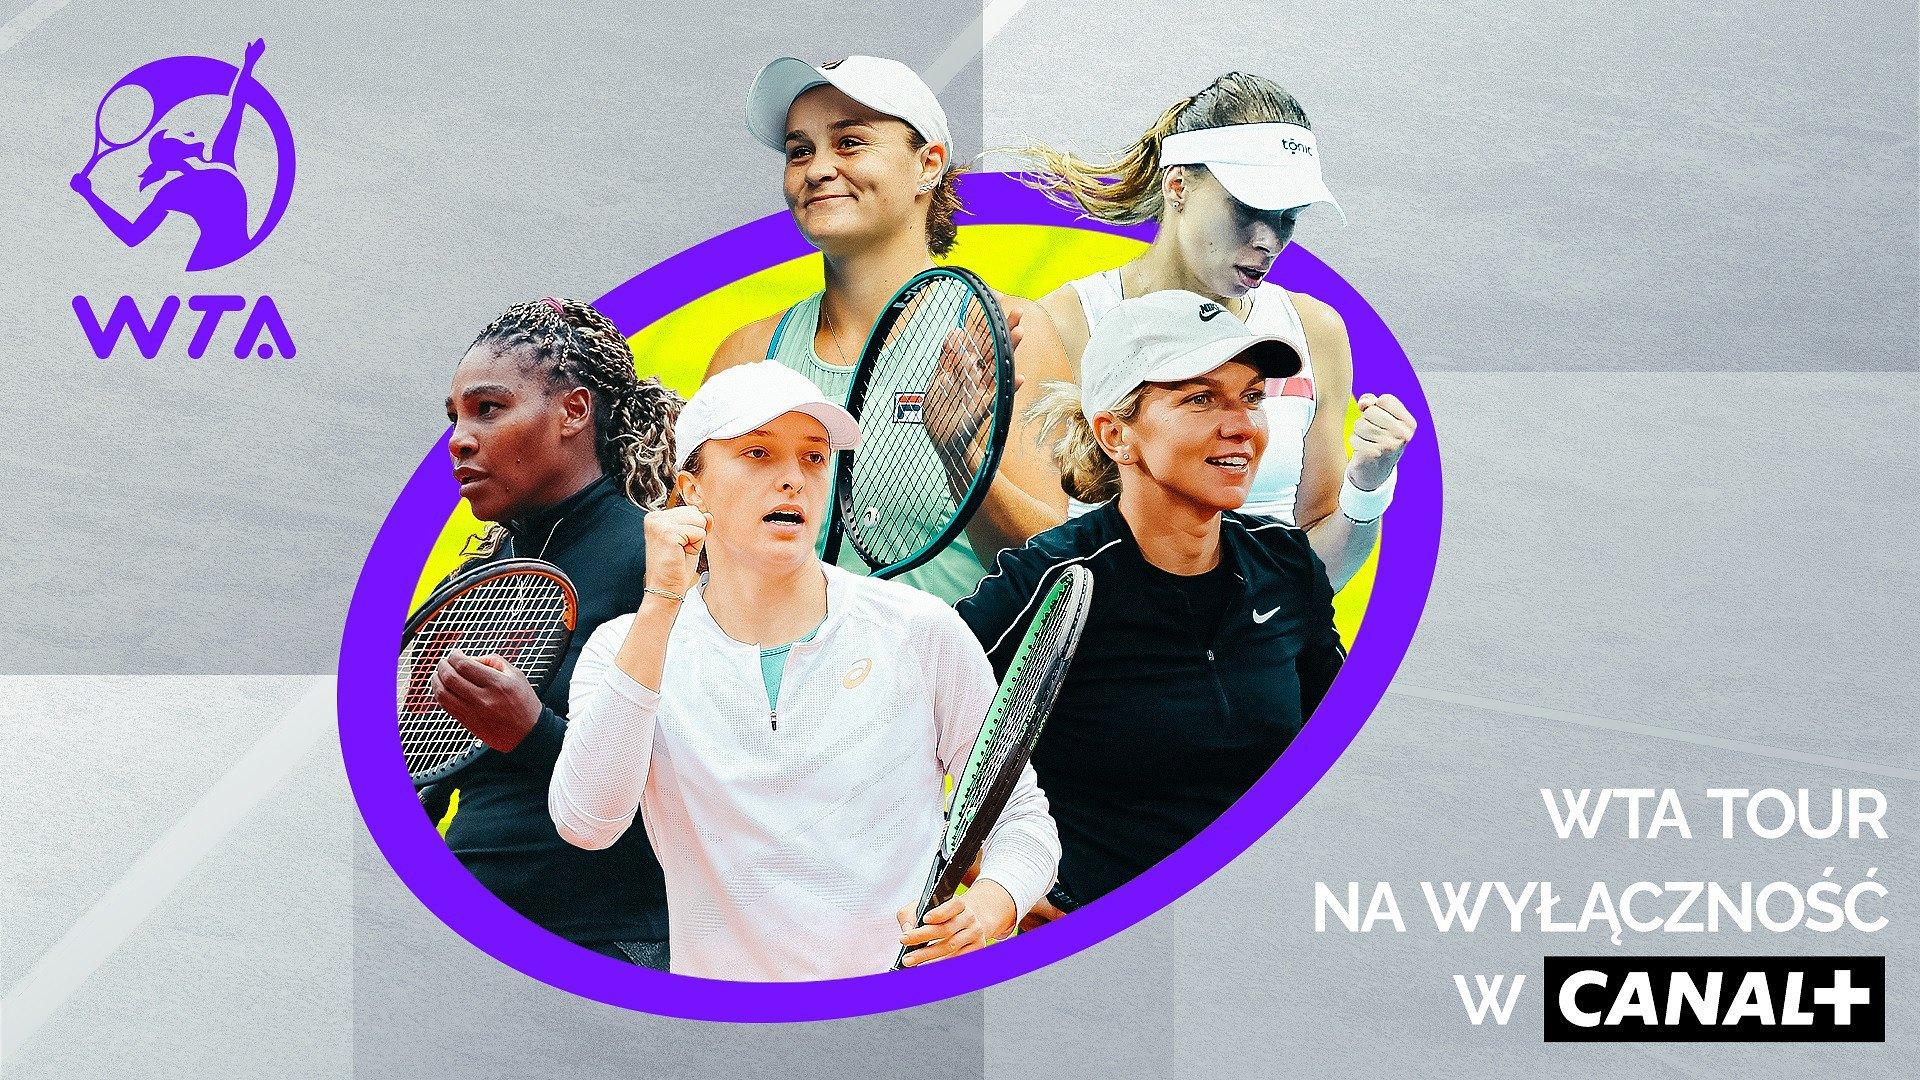 Turnieje WTA Tour i mecze Igi Świątek w CANAL+